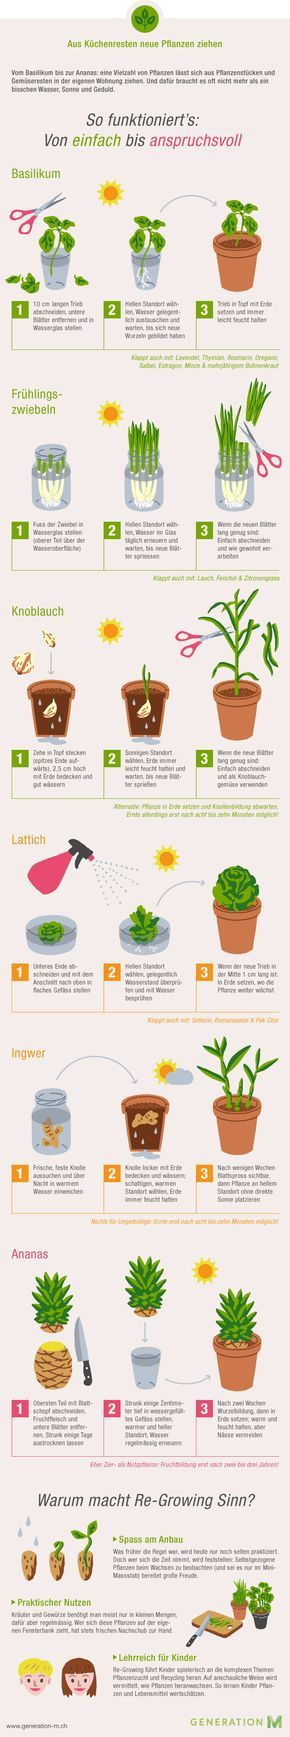 Die Infografik zeigt Ihnen wie Sie aus Küchenresten neues Gemüse ziehen. Drucken Sie die Grafik aus und ziehen Sie Ihr eigenes Gemüse. Viel Spass!